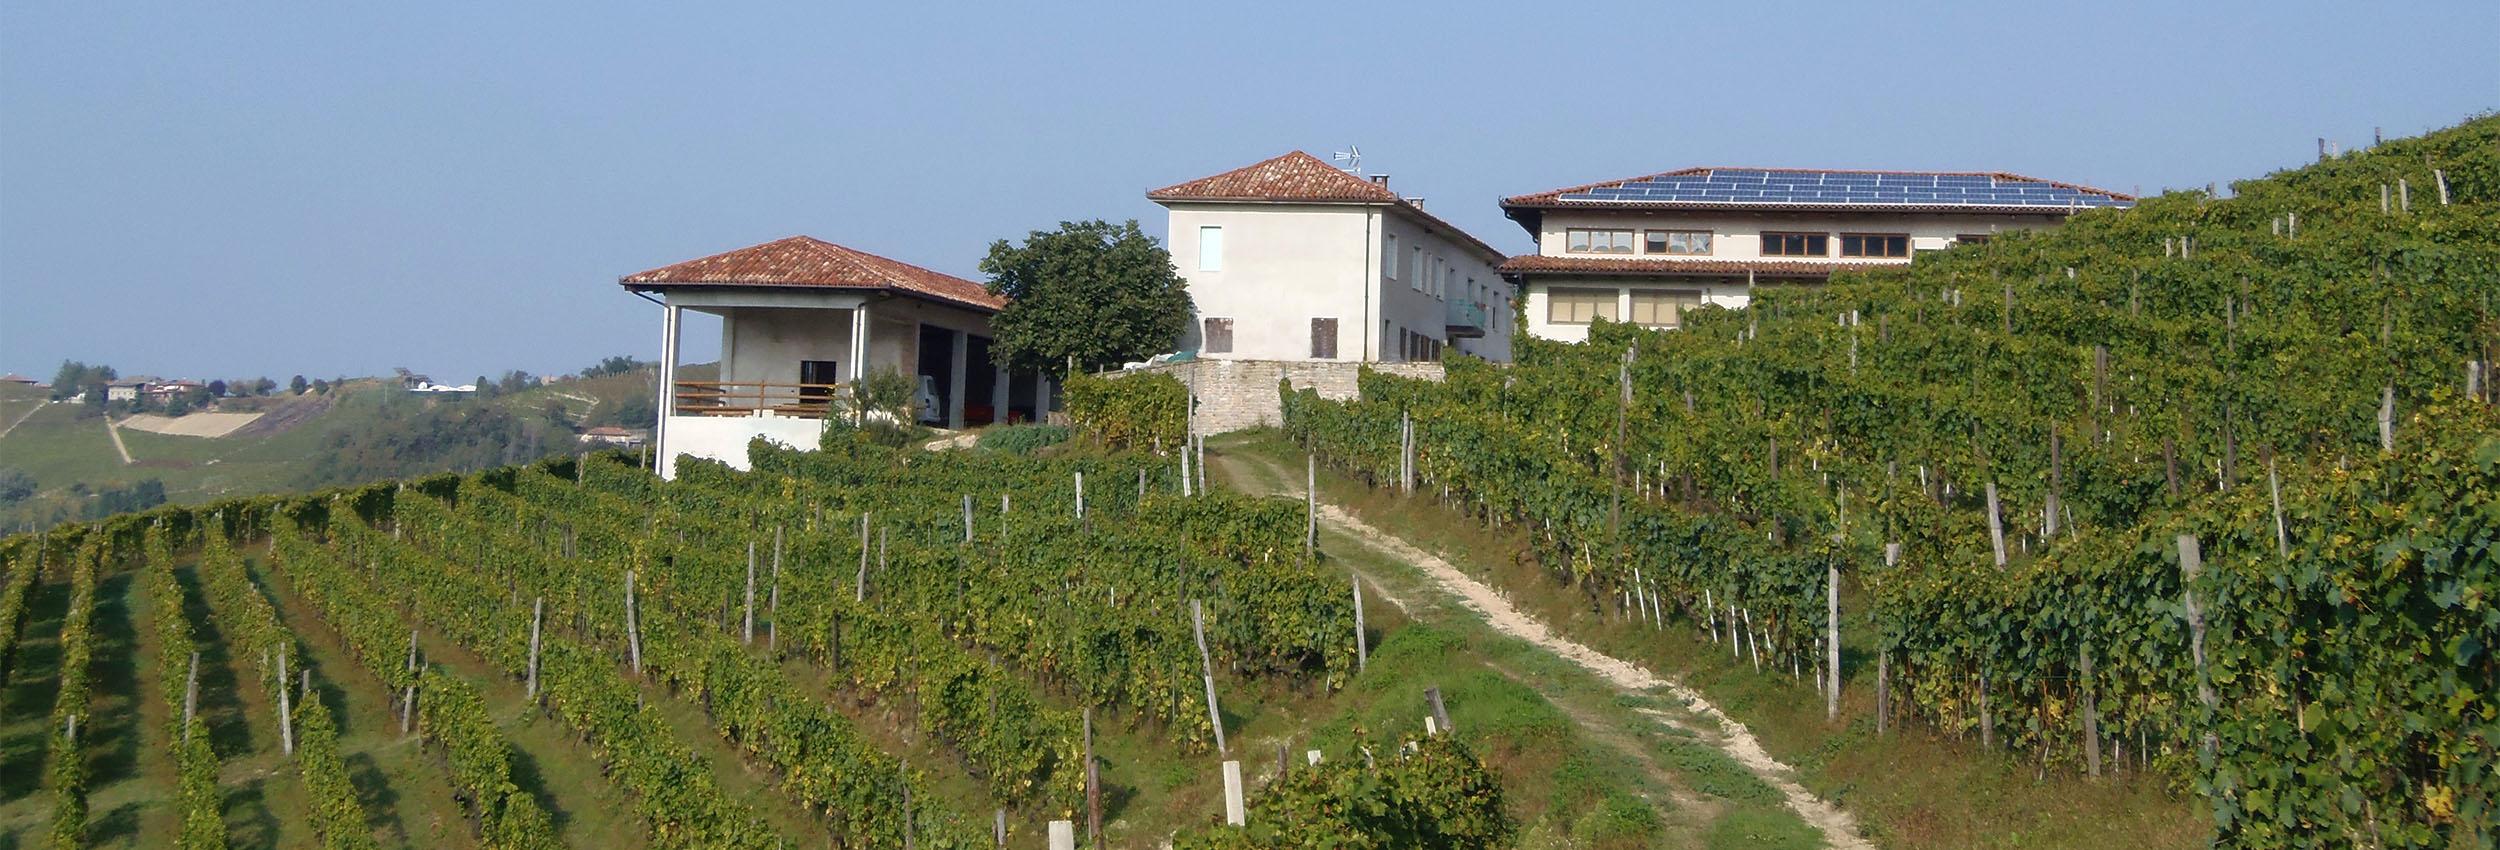 Dal 24 giugno 2011 l'Azienda Agricola Ca' del Principe inizia a produrre energia pulita con il fotovoltaico.